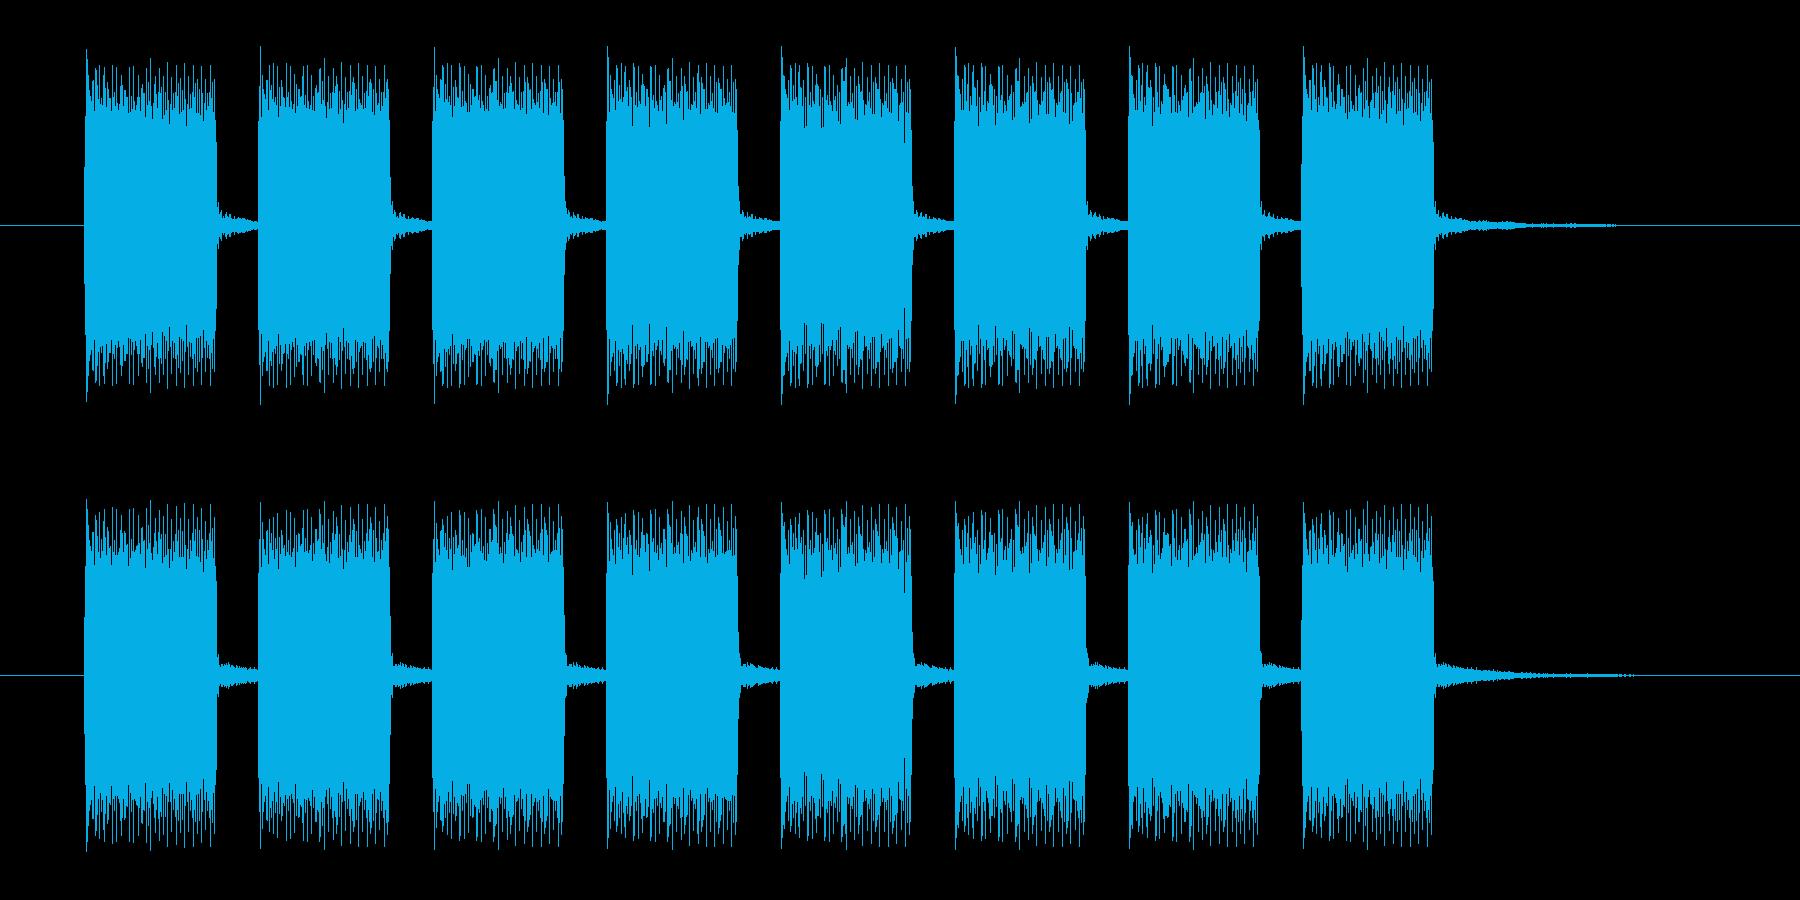 ブザーの連続音の再生済みの波形